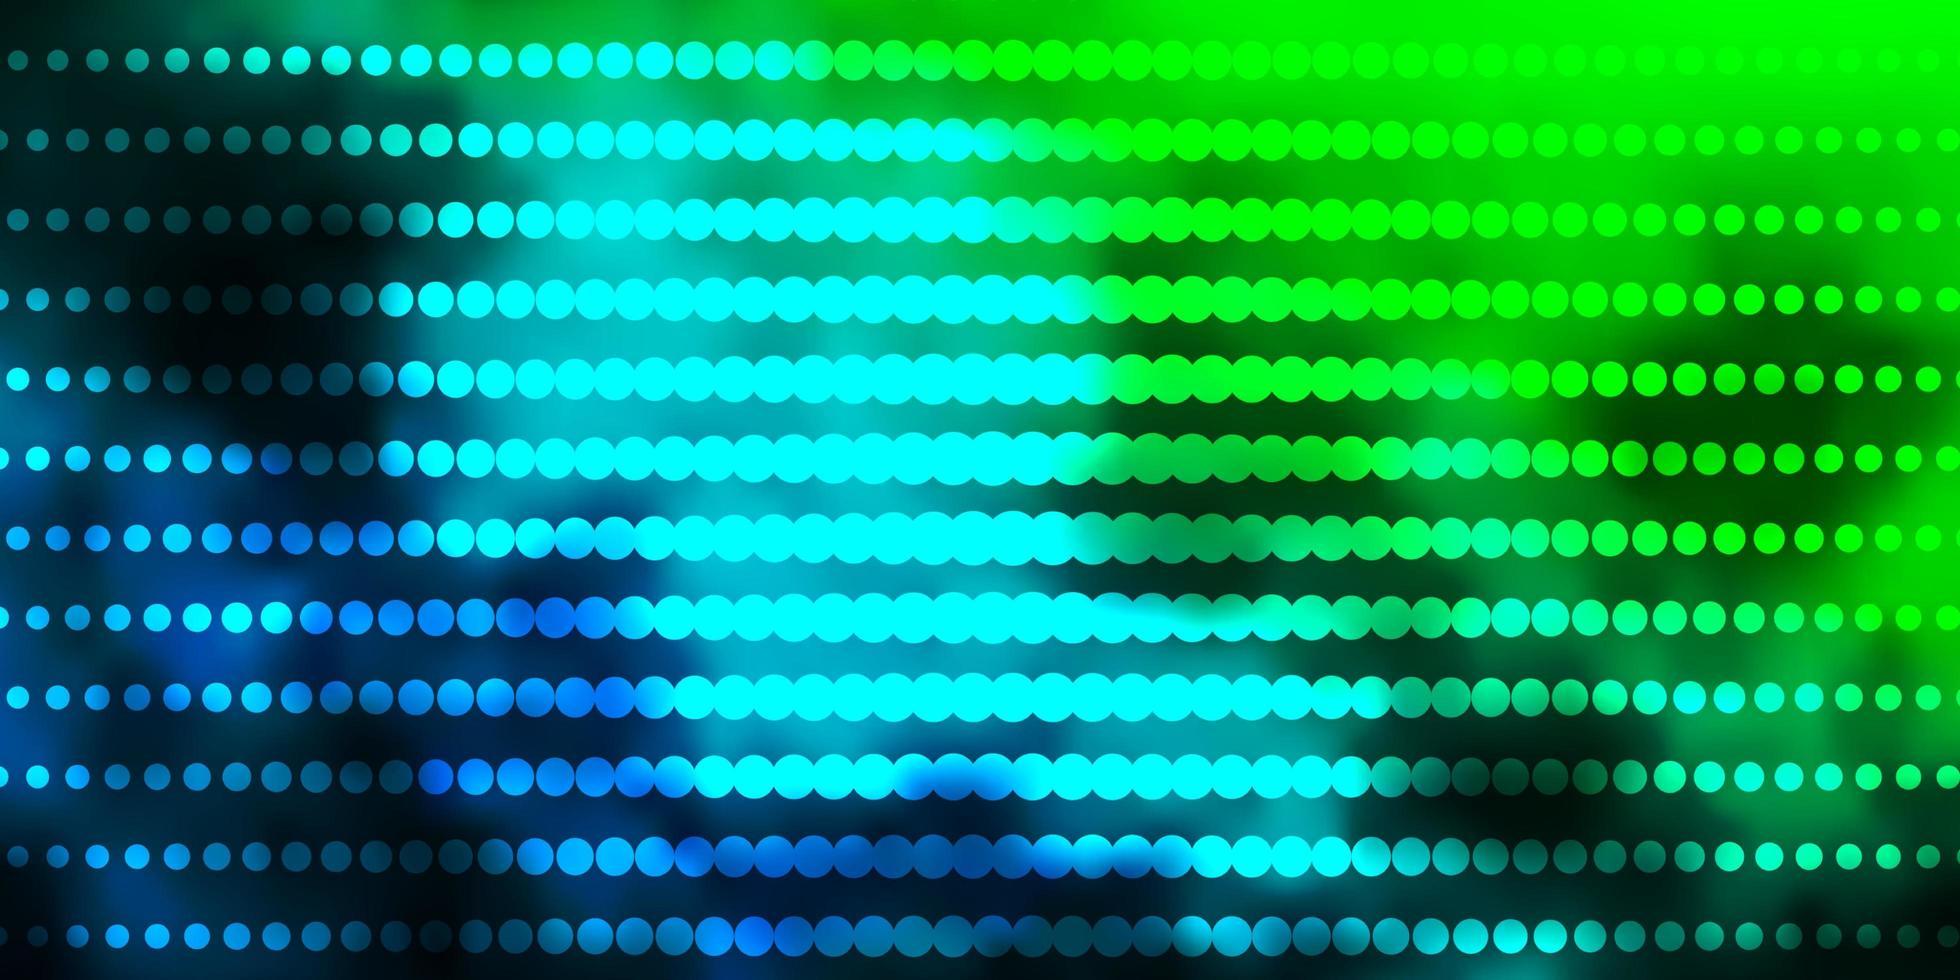 lichtblauwe, groene vectortextuur met cirkels. vector